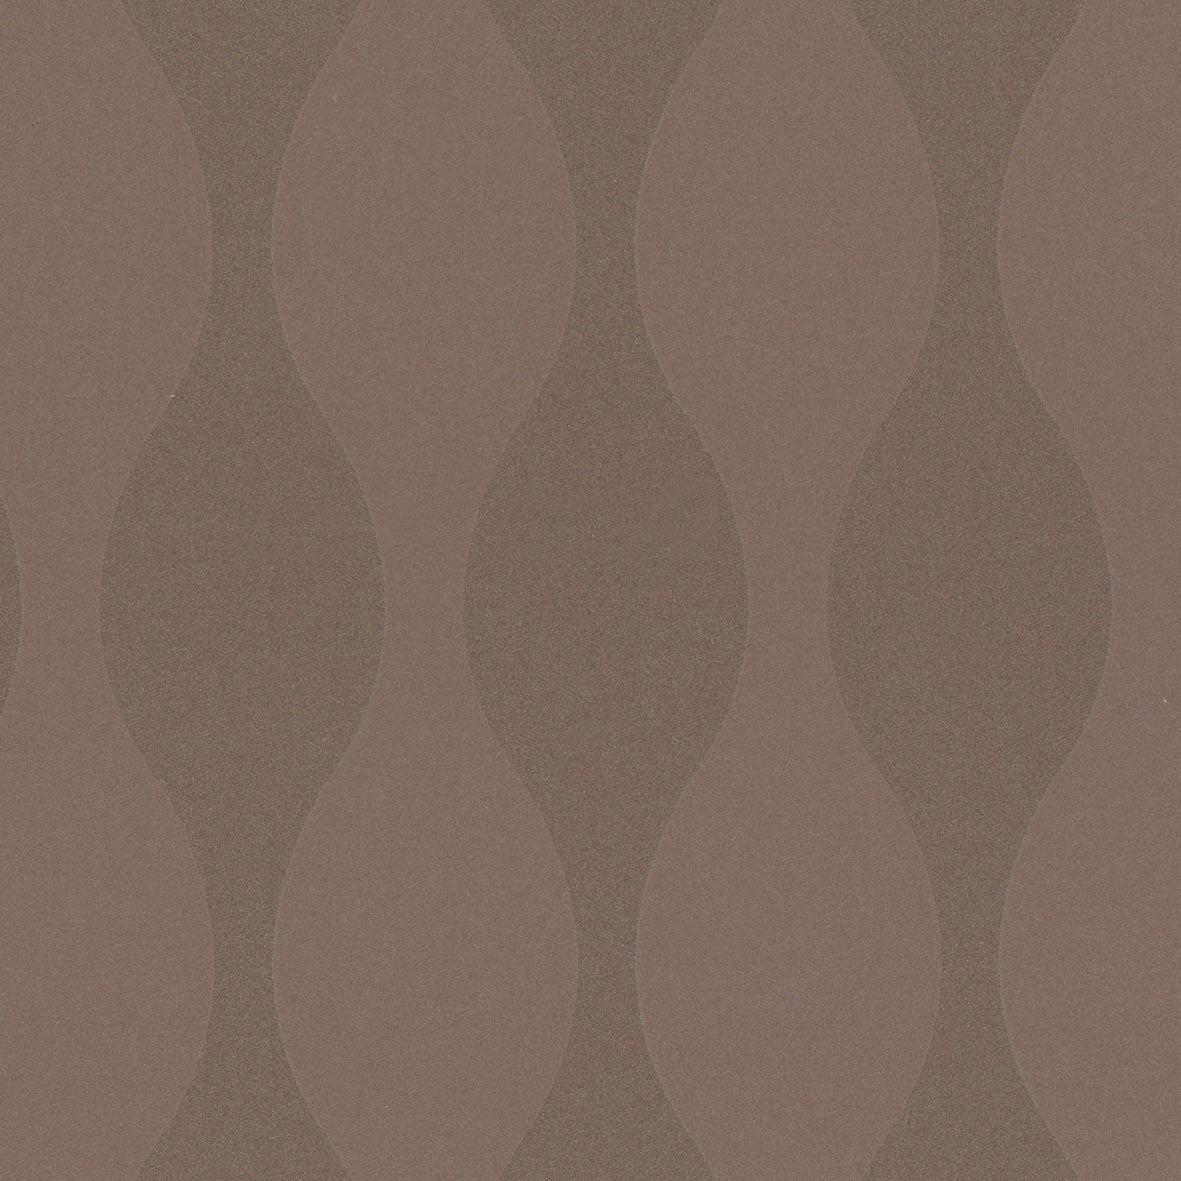 リリカラ 壁紙49m モダン 和文様 グレー kioi LW-2475 B075ZZQX8S 49m|グレー